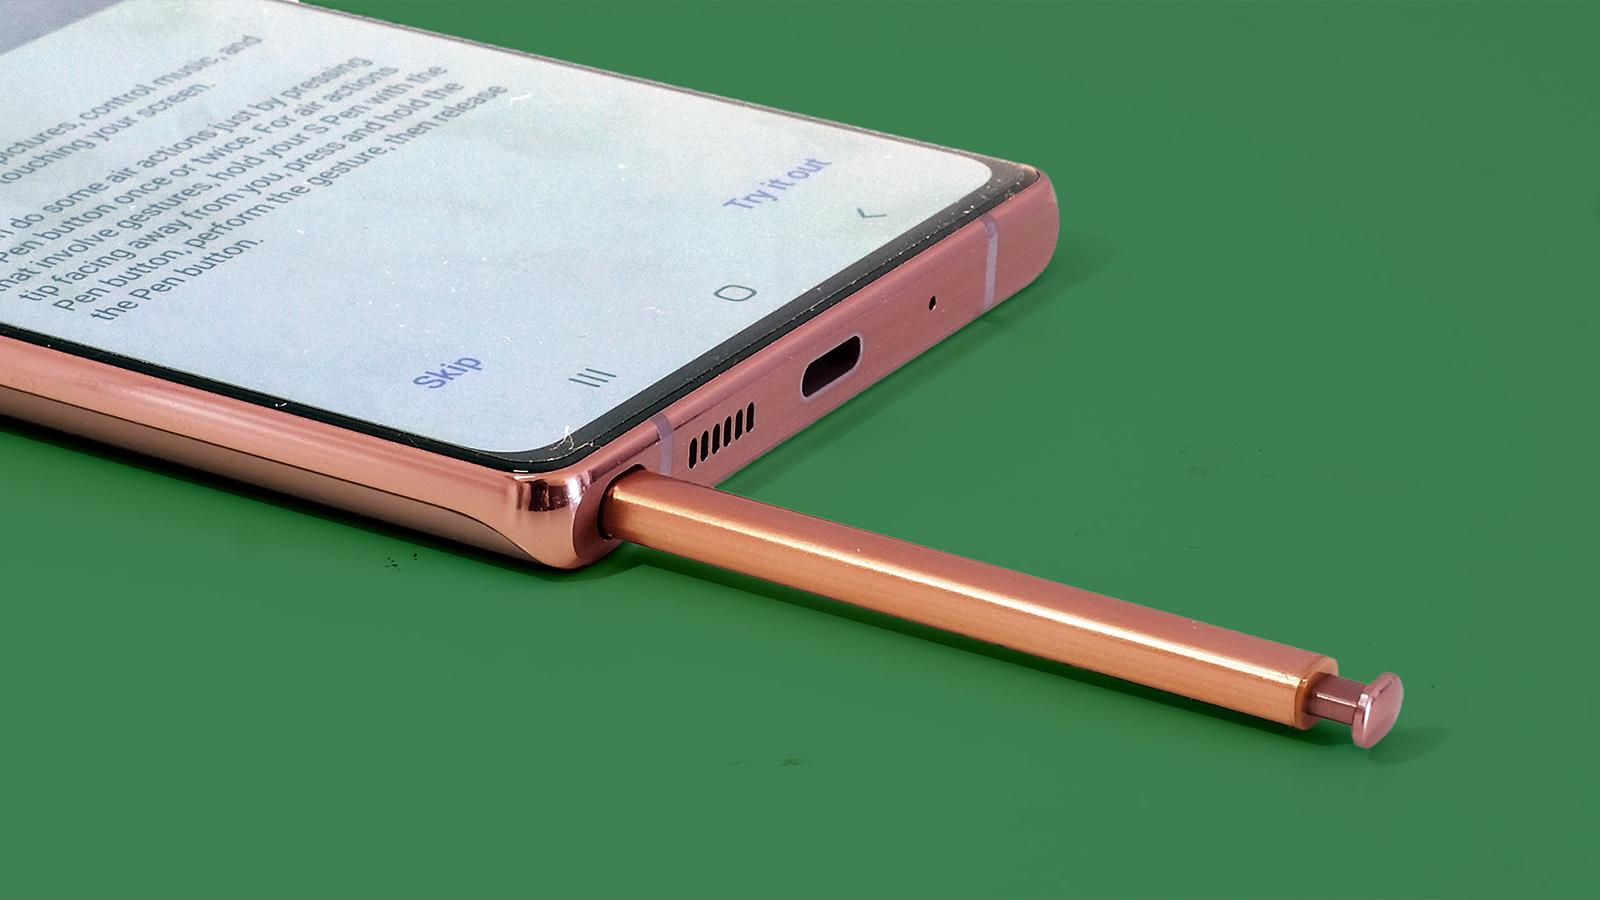 Le Samsung Galaxy Note 20 avec son stylet à moitié inséré dans la fente